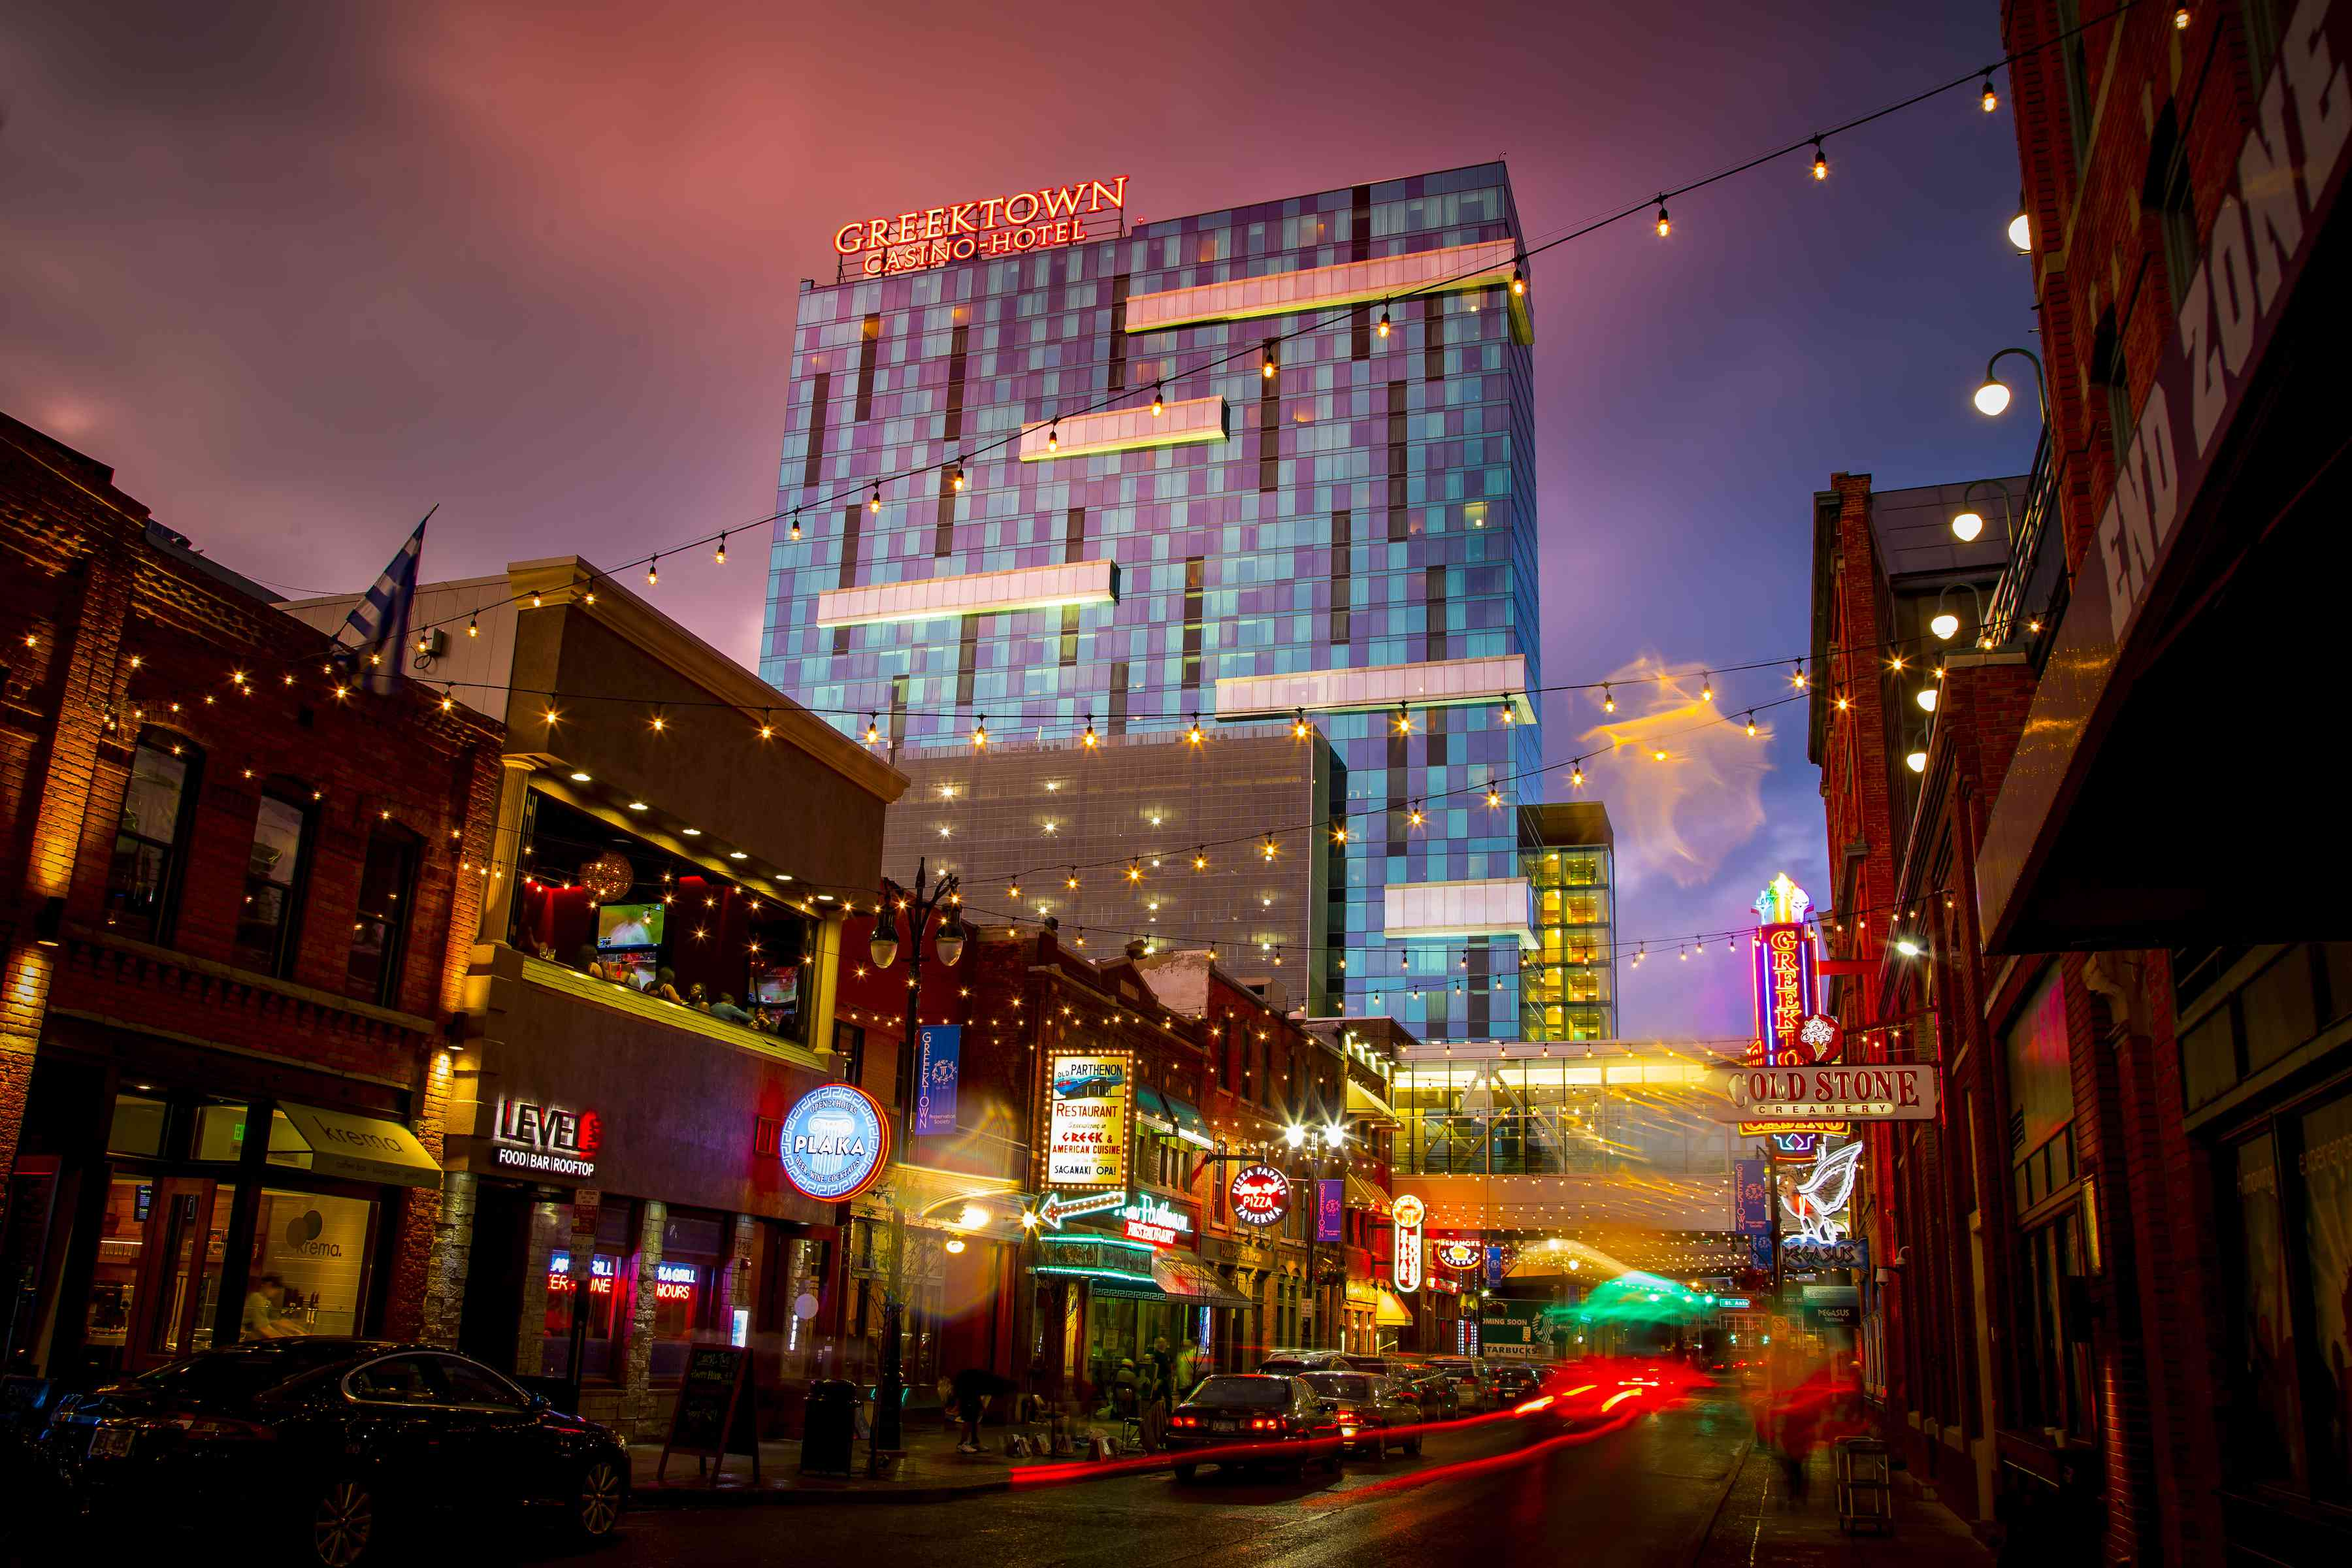 Greektown Casino Resort